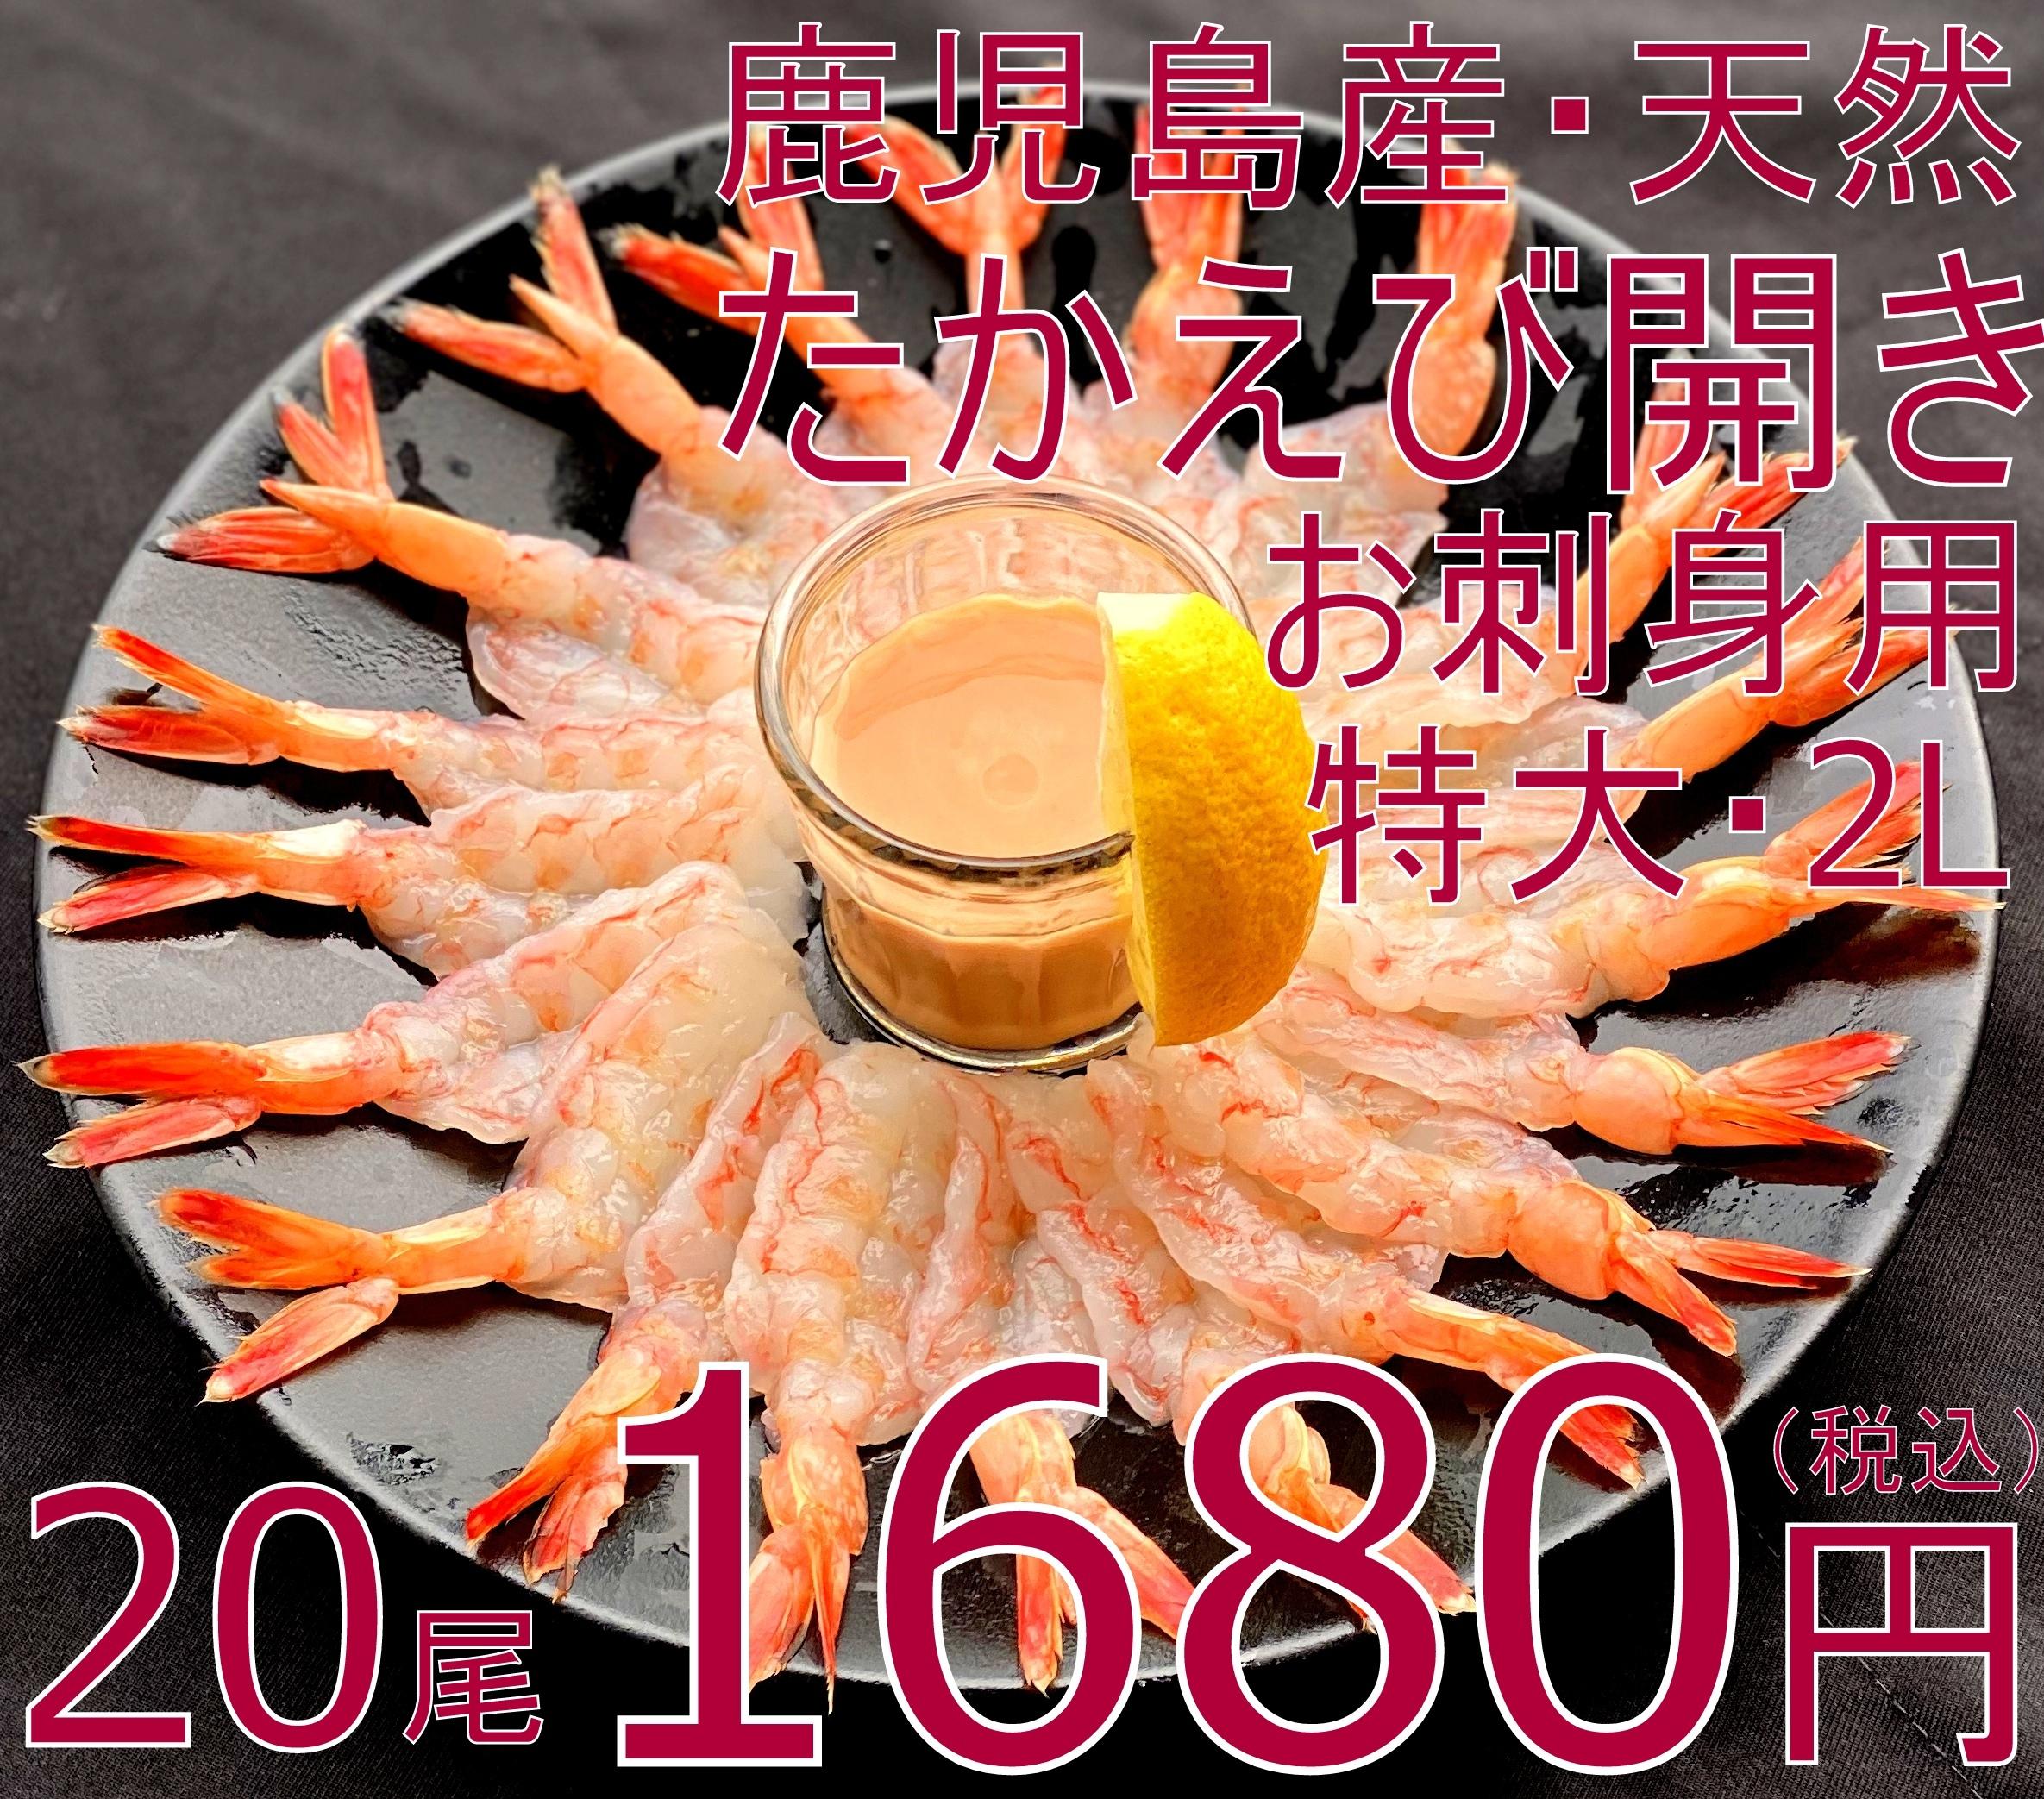 (0109)冷凍 鹿児島県産たかえび刺身開き 特大2L 20尾入